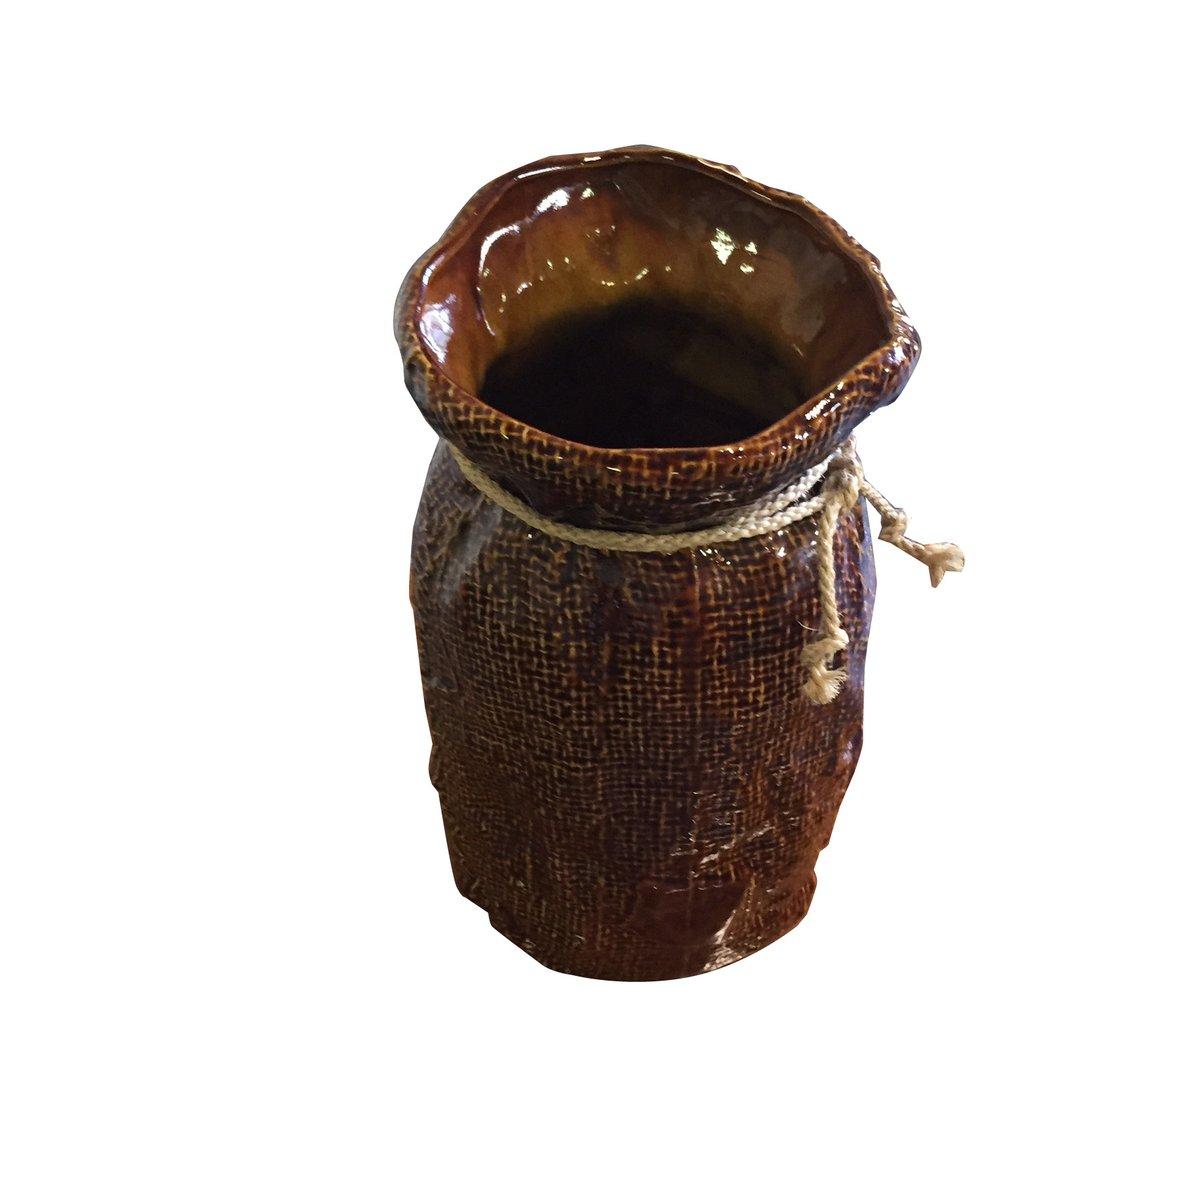 Deutsche Braune Midcentury Keramik Vase